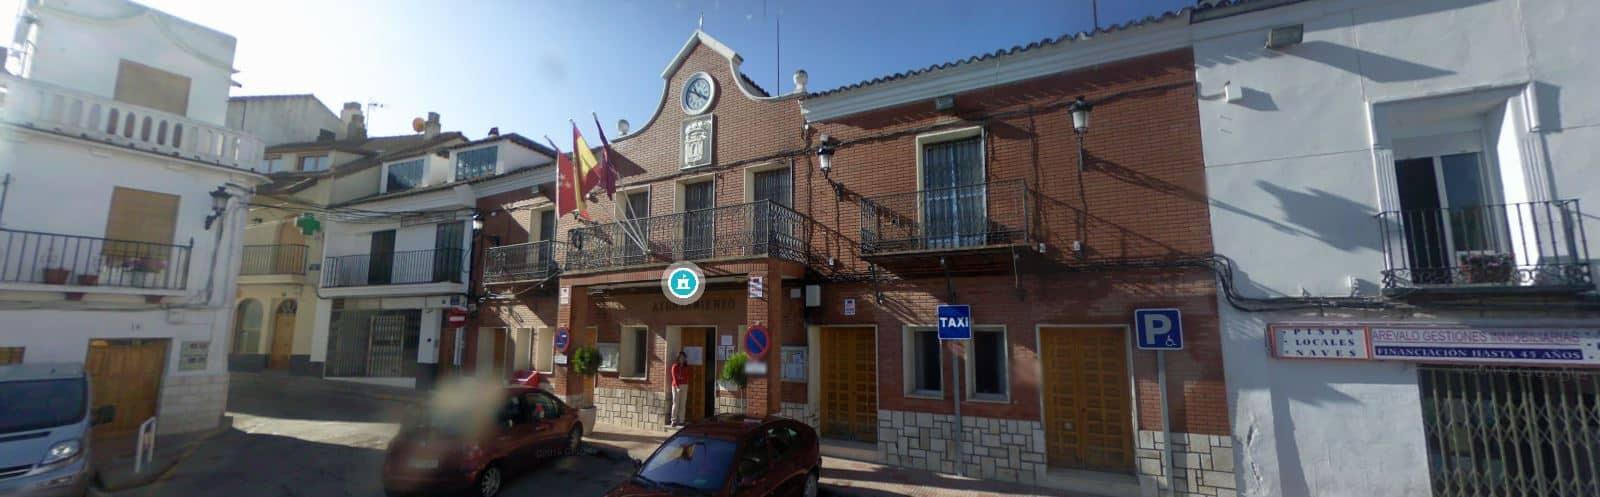 Registro civil - Ayuntamiento Campo Real